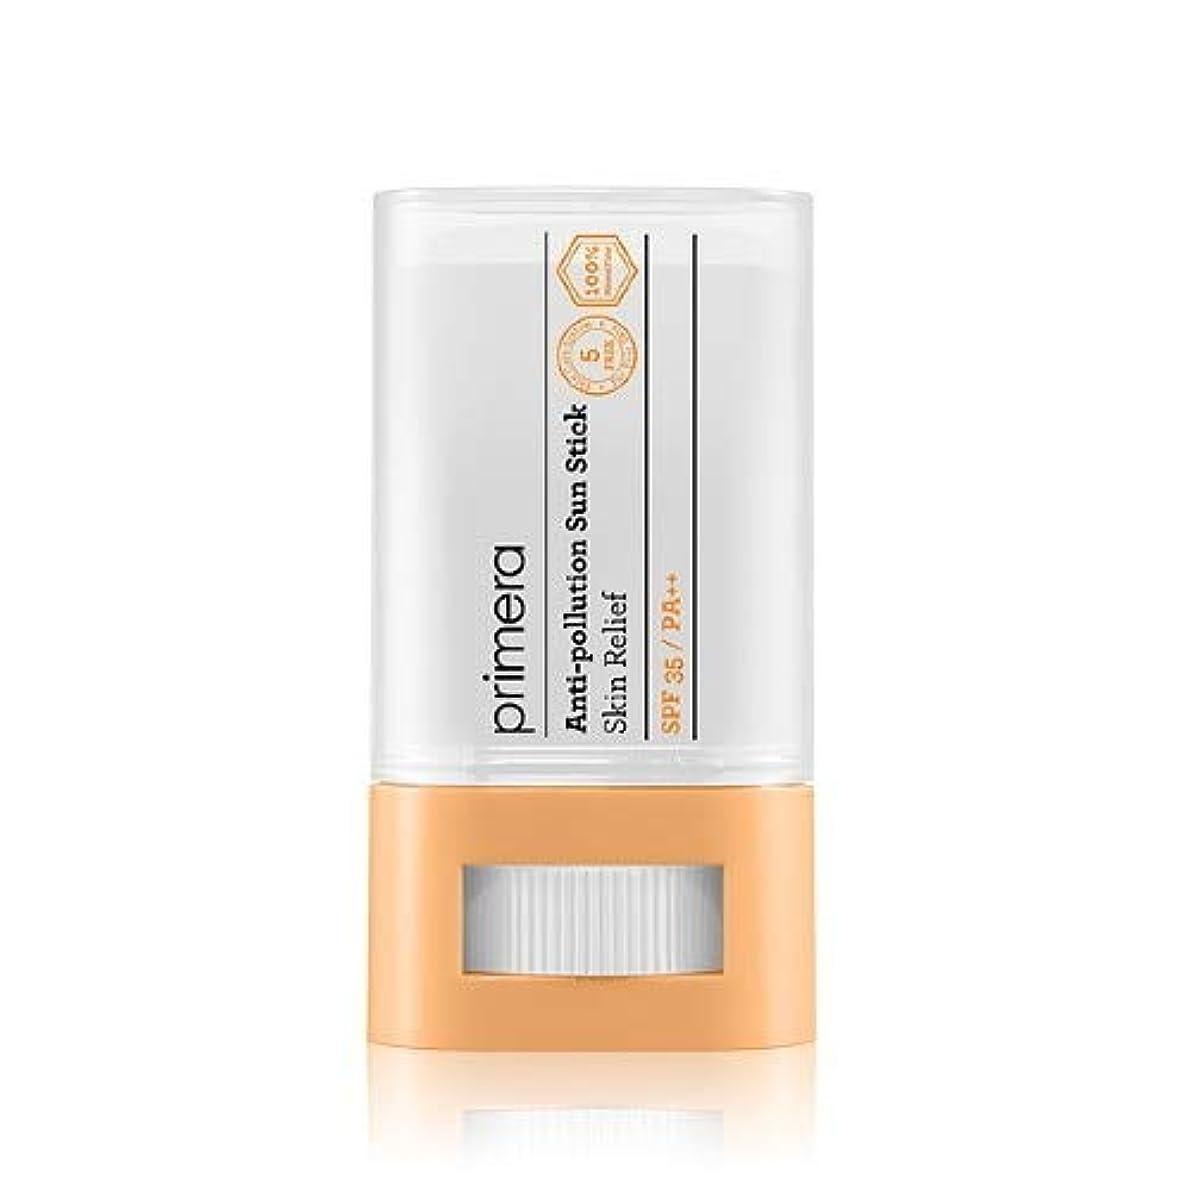 討論信じられない撤退PRIMERA プリメラ Skin Relief Anti-pollution Sun Stick サンスティック 16g, SPF35 PA++ 韓国日焼け止め